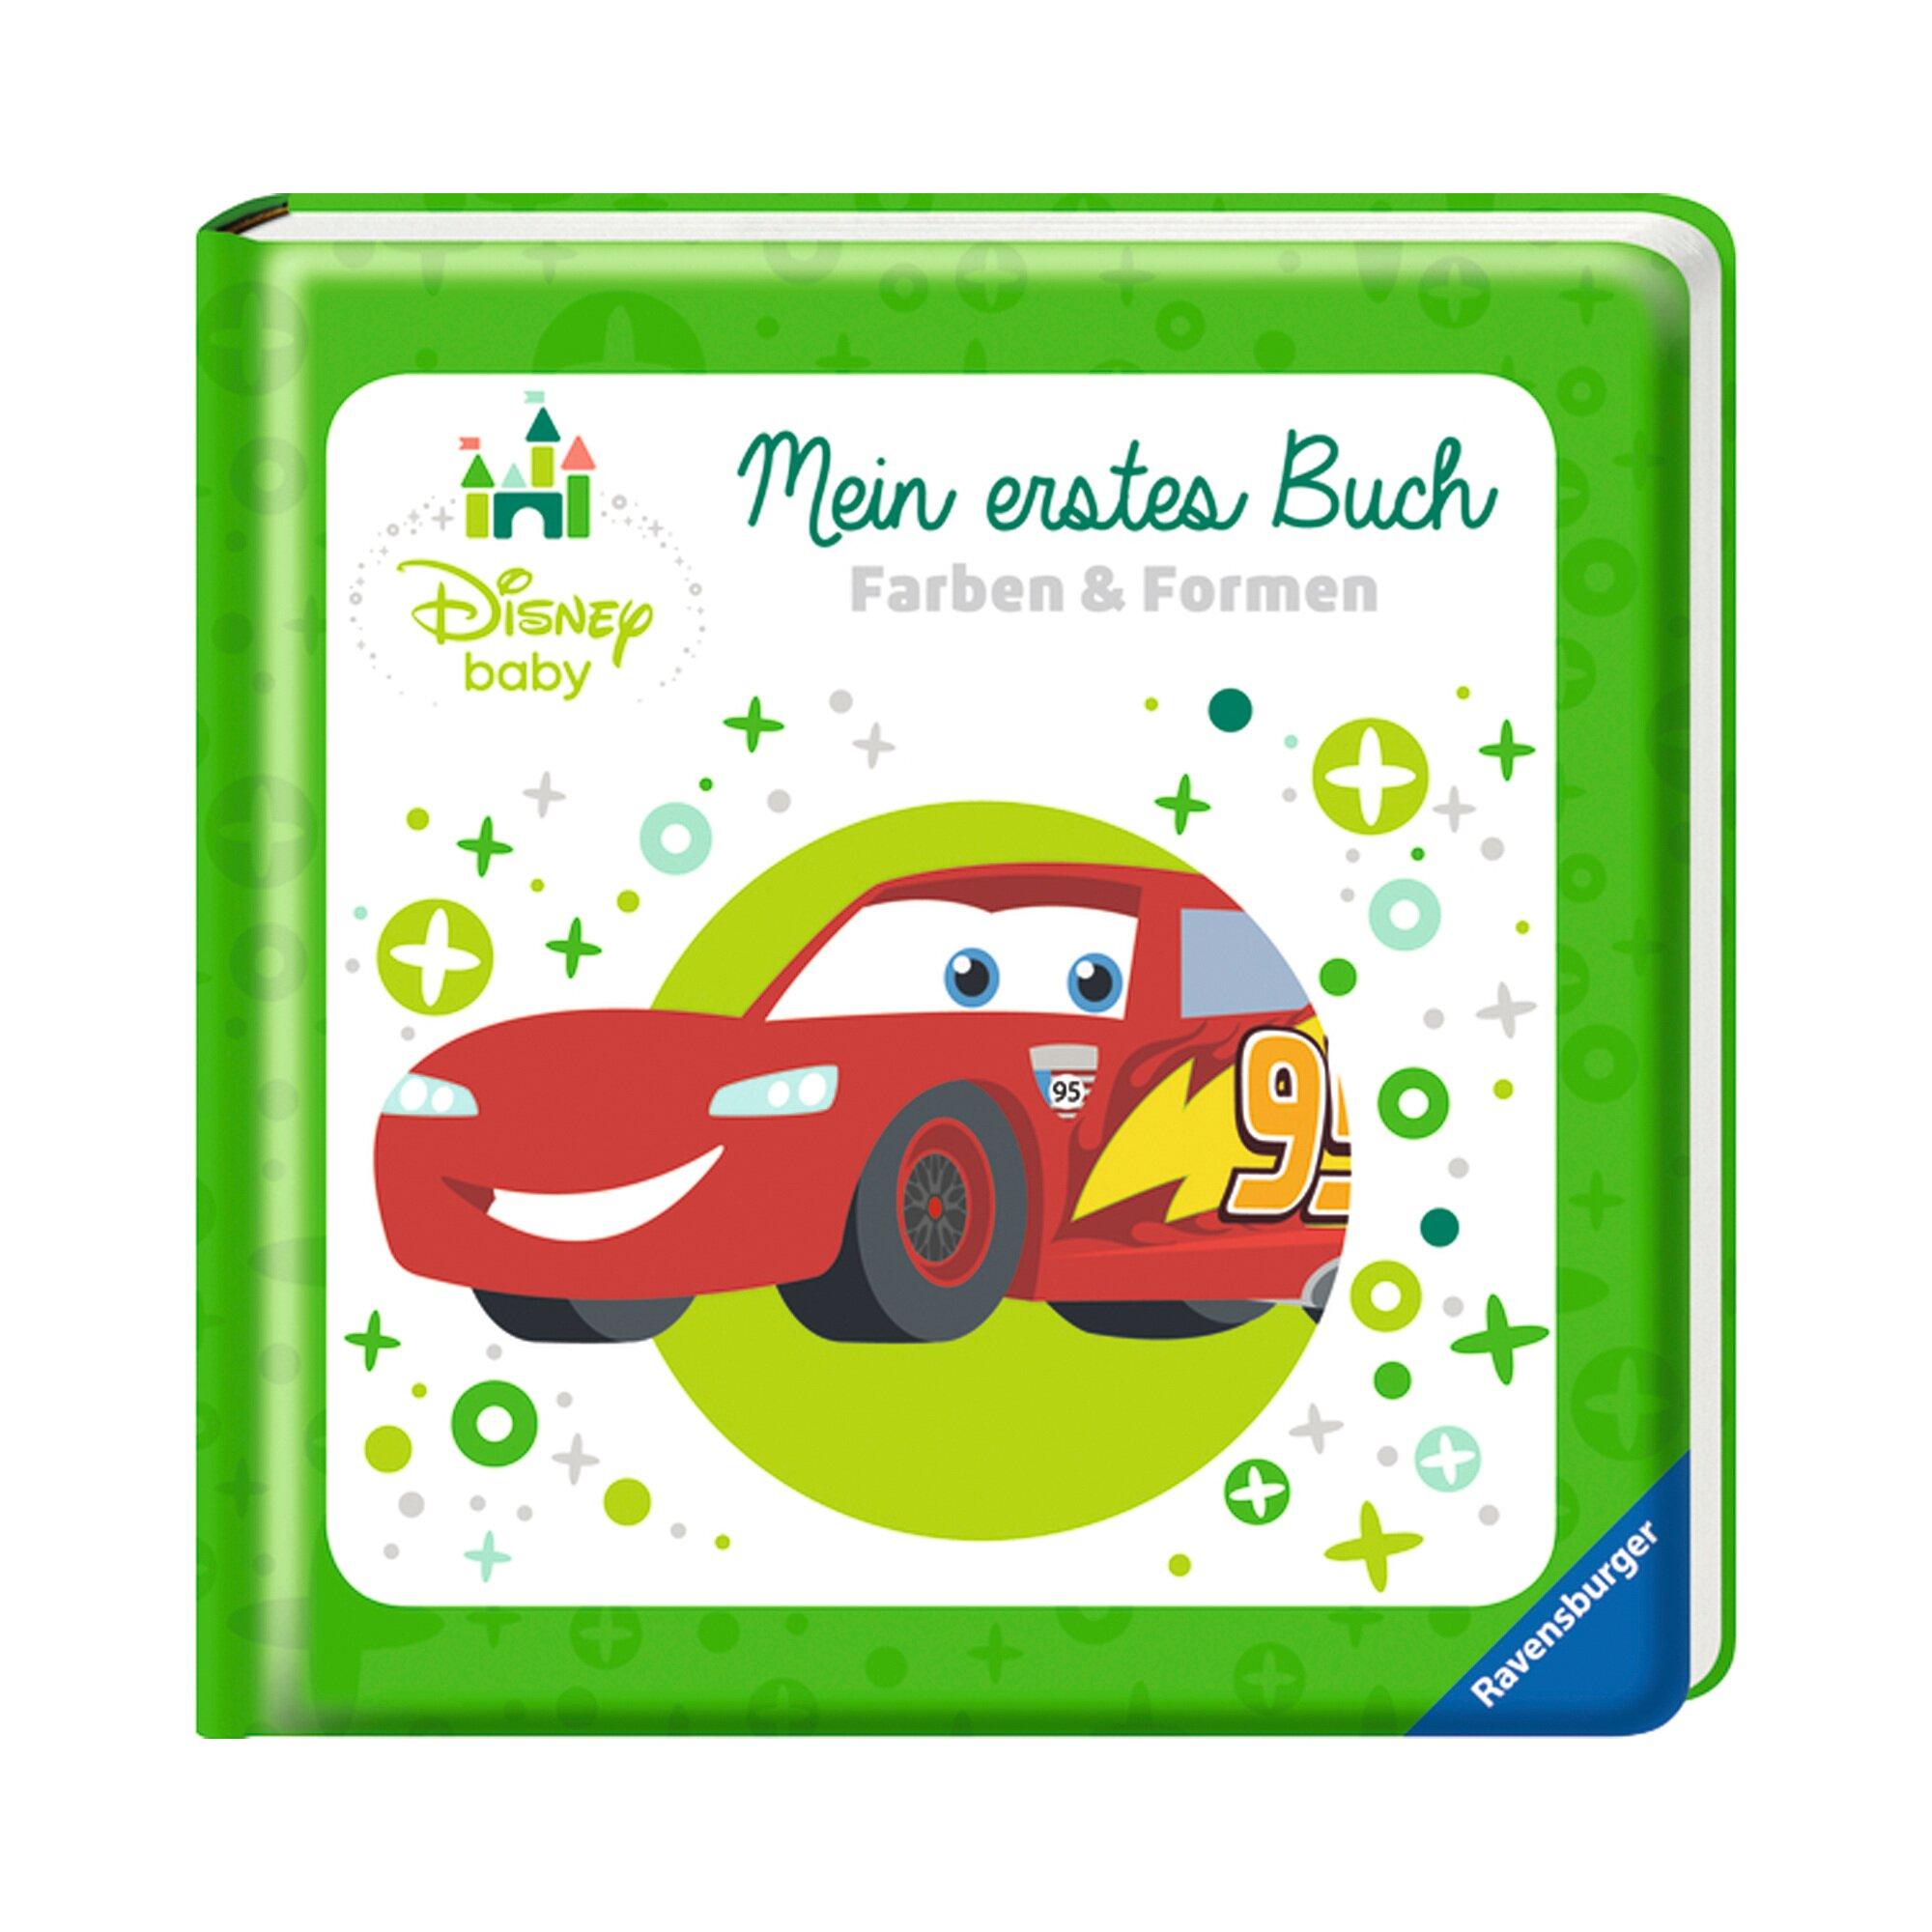 Disney Baby Pappbilderbuch Mein erstes Buch - Farben & Formen